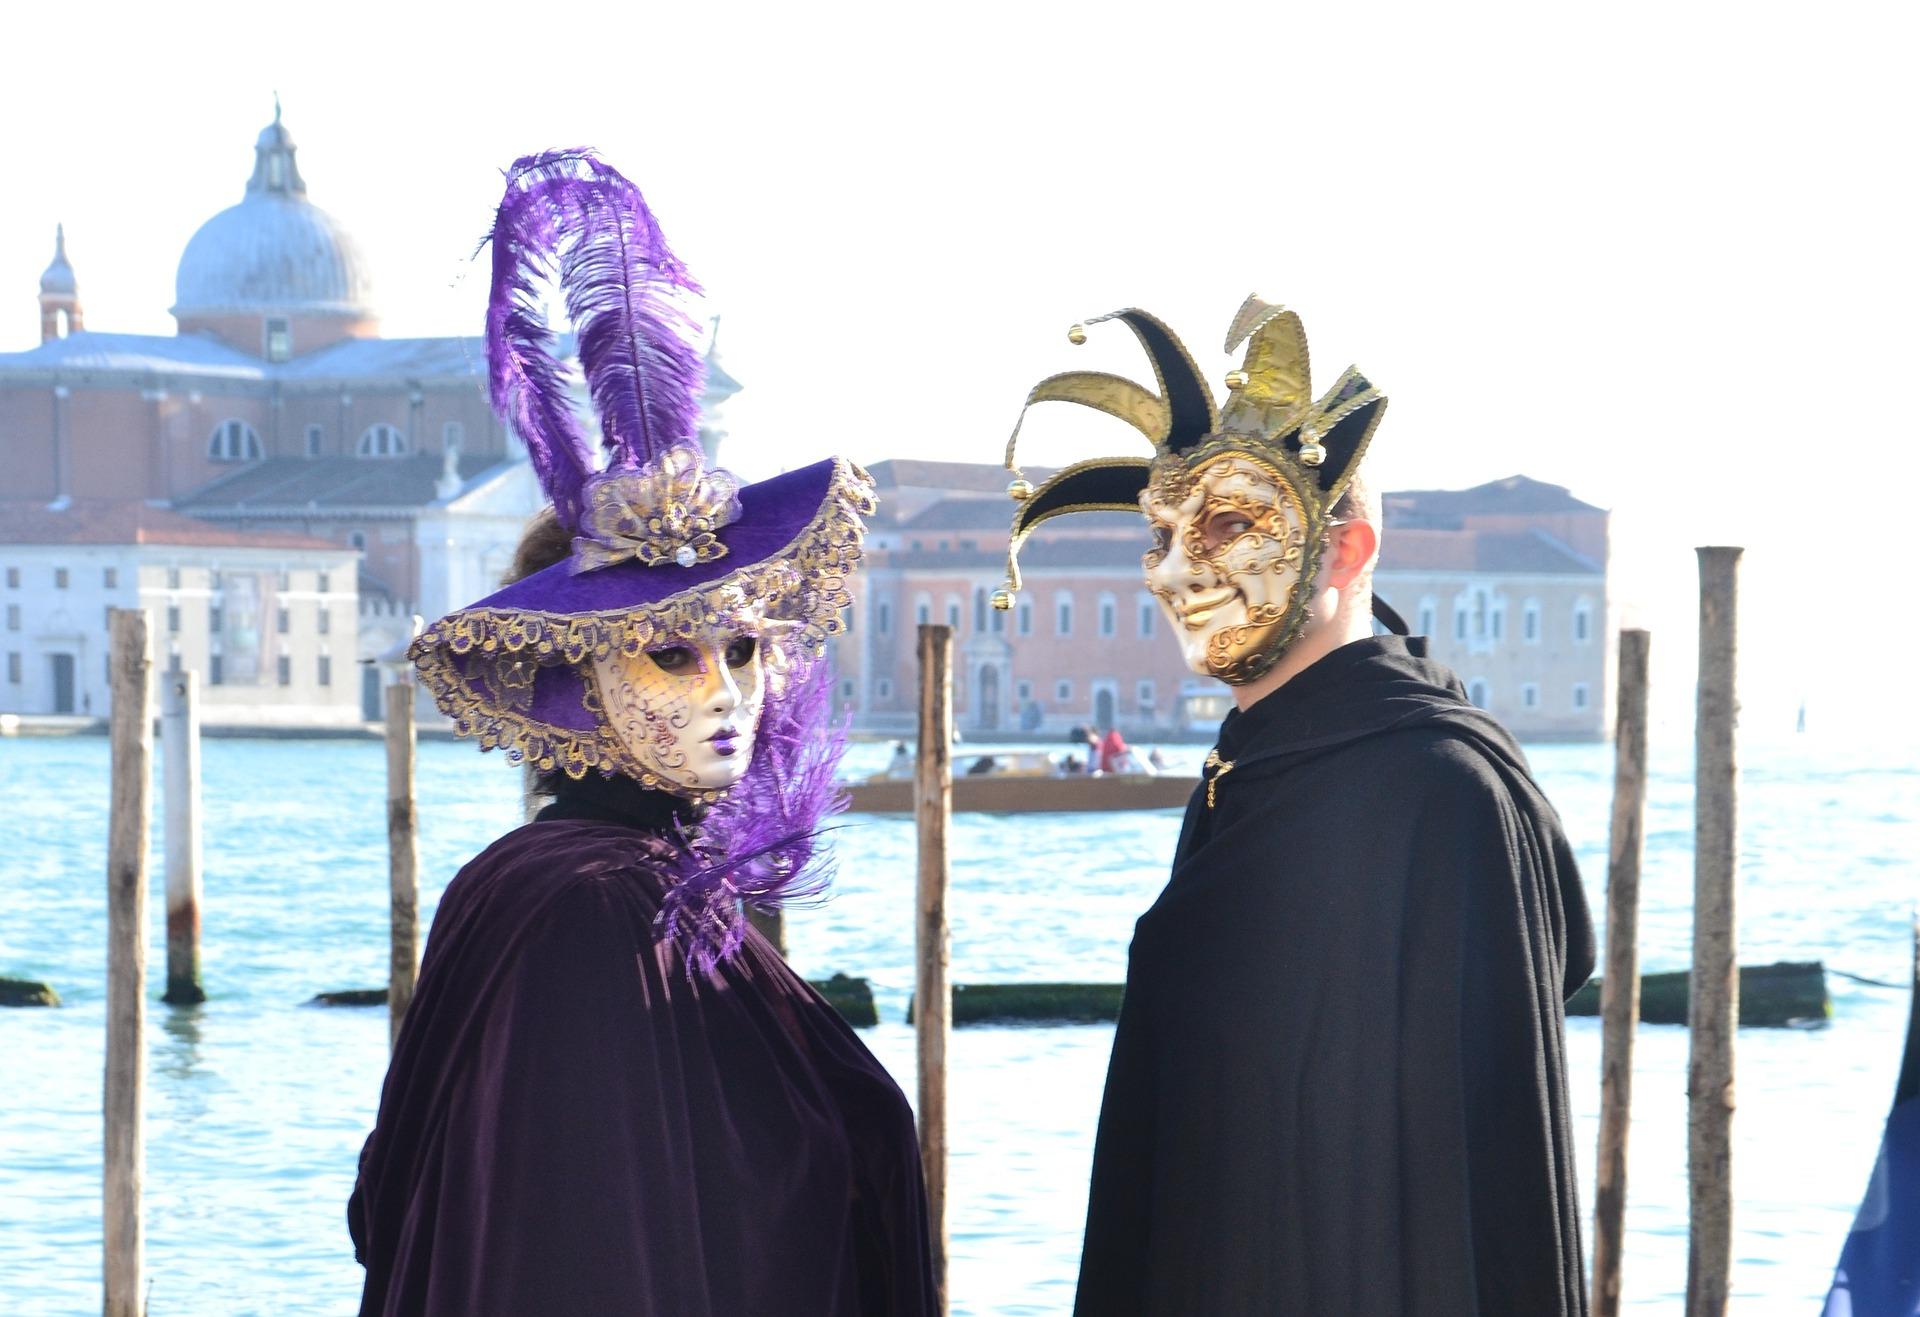 Karneval in Venedig feiern ist ein unglaubliches Erlebenis! vom 23.02-05.03 wird hier gefeiert